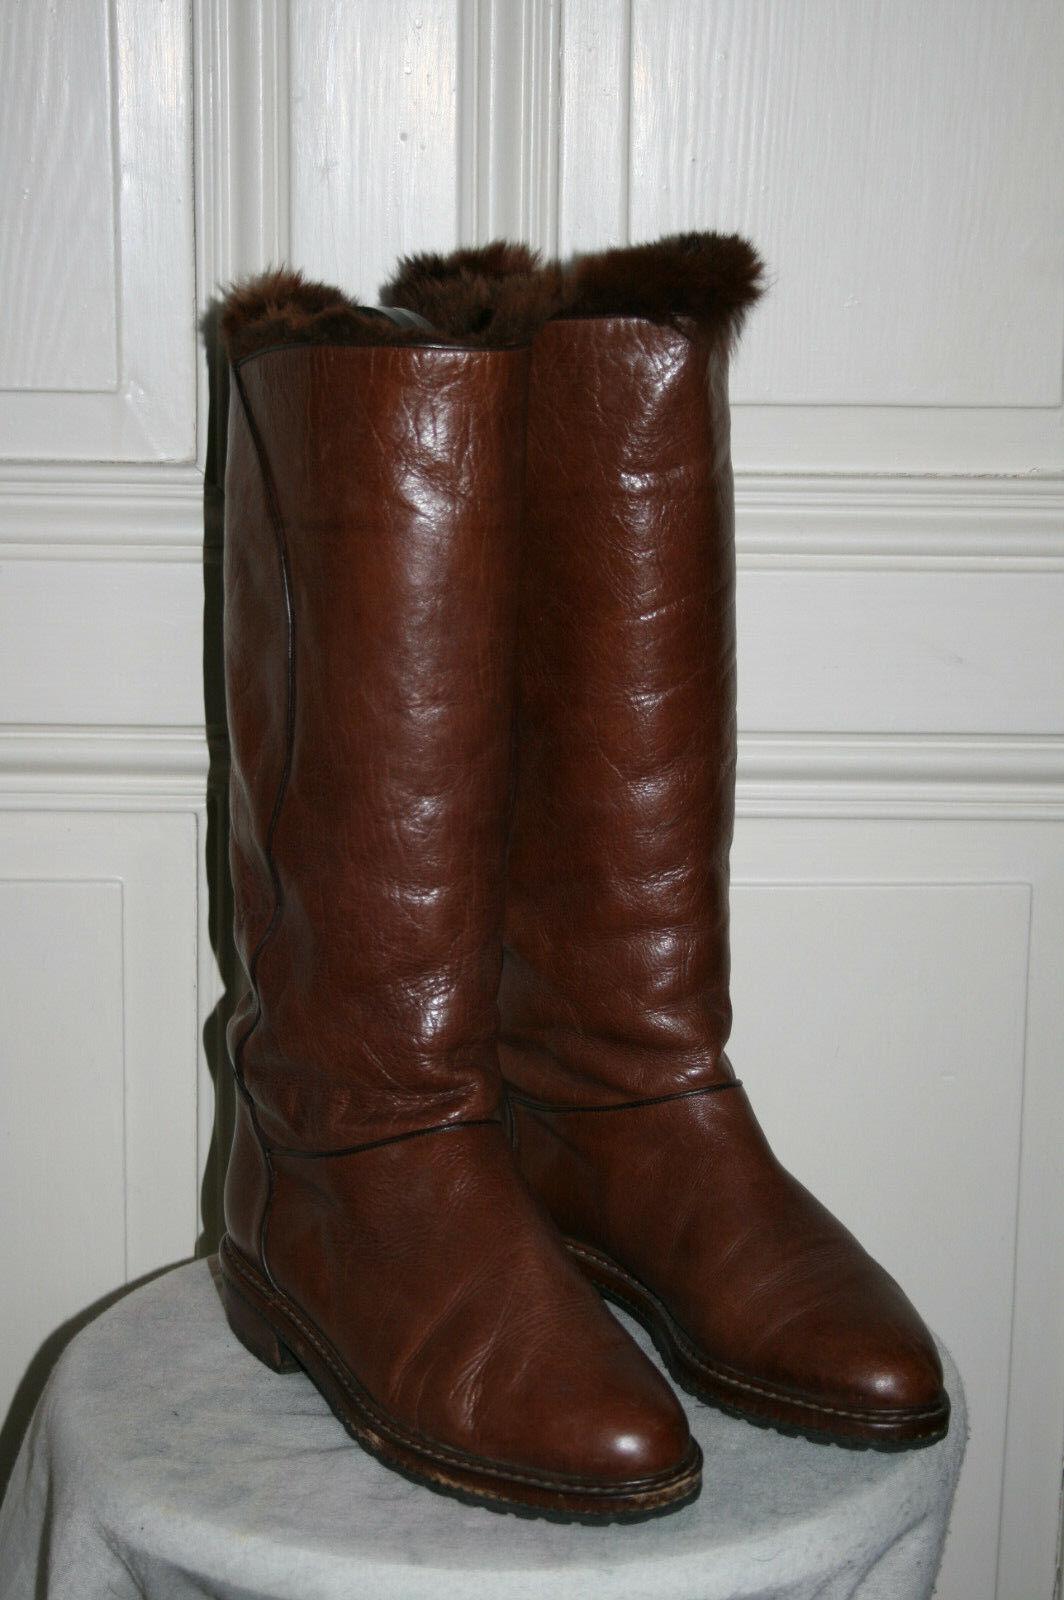 EMMEUNO Winter Leder Stiefel mit Lammfellfutter guter Zustand  in Gr. 39